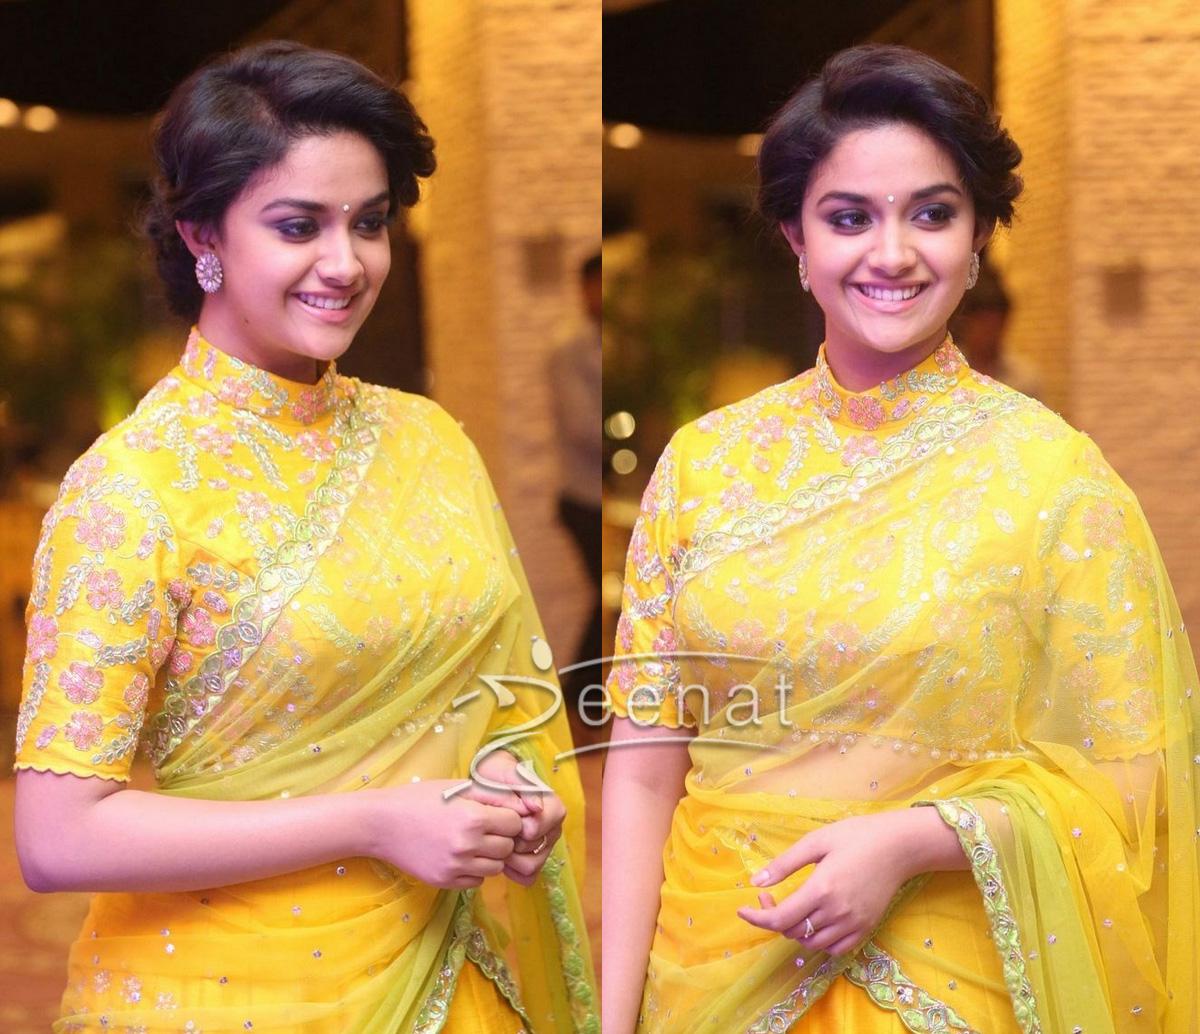 South Indian Actress Keerthi Suresh in Yellow Lehenga Choli